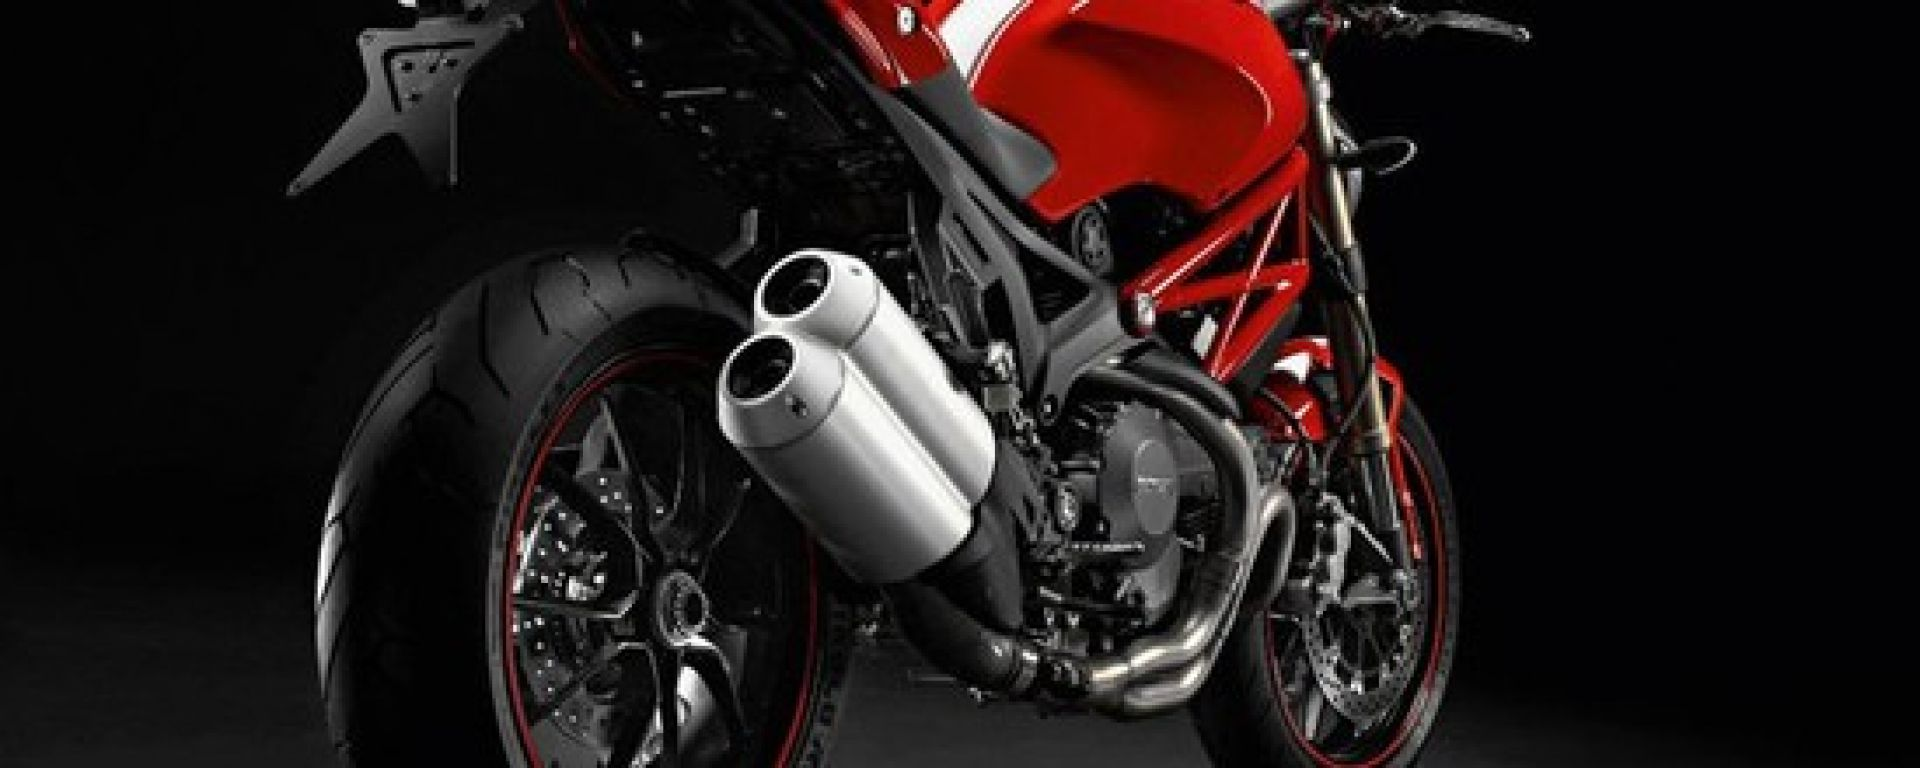 Ducati Monster 1110 evo